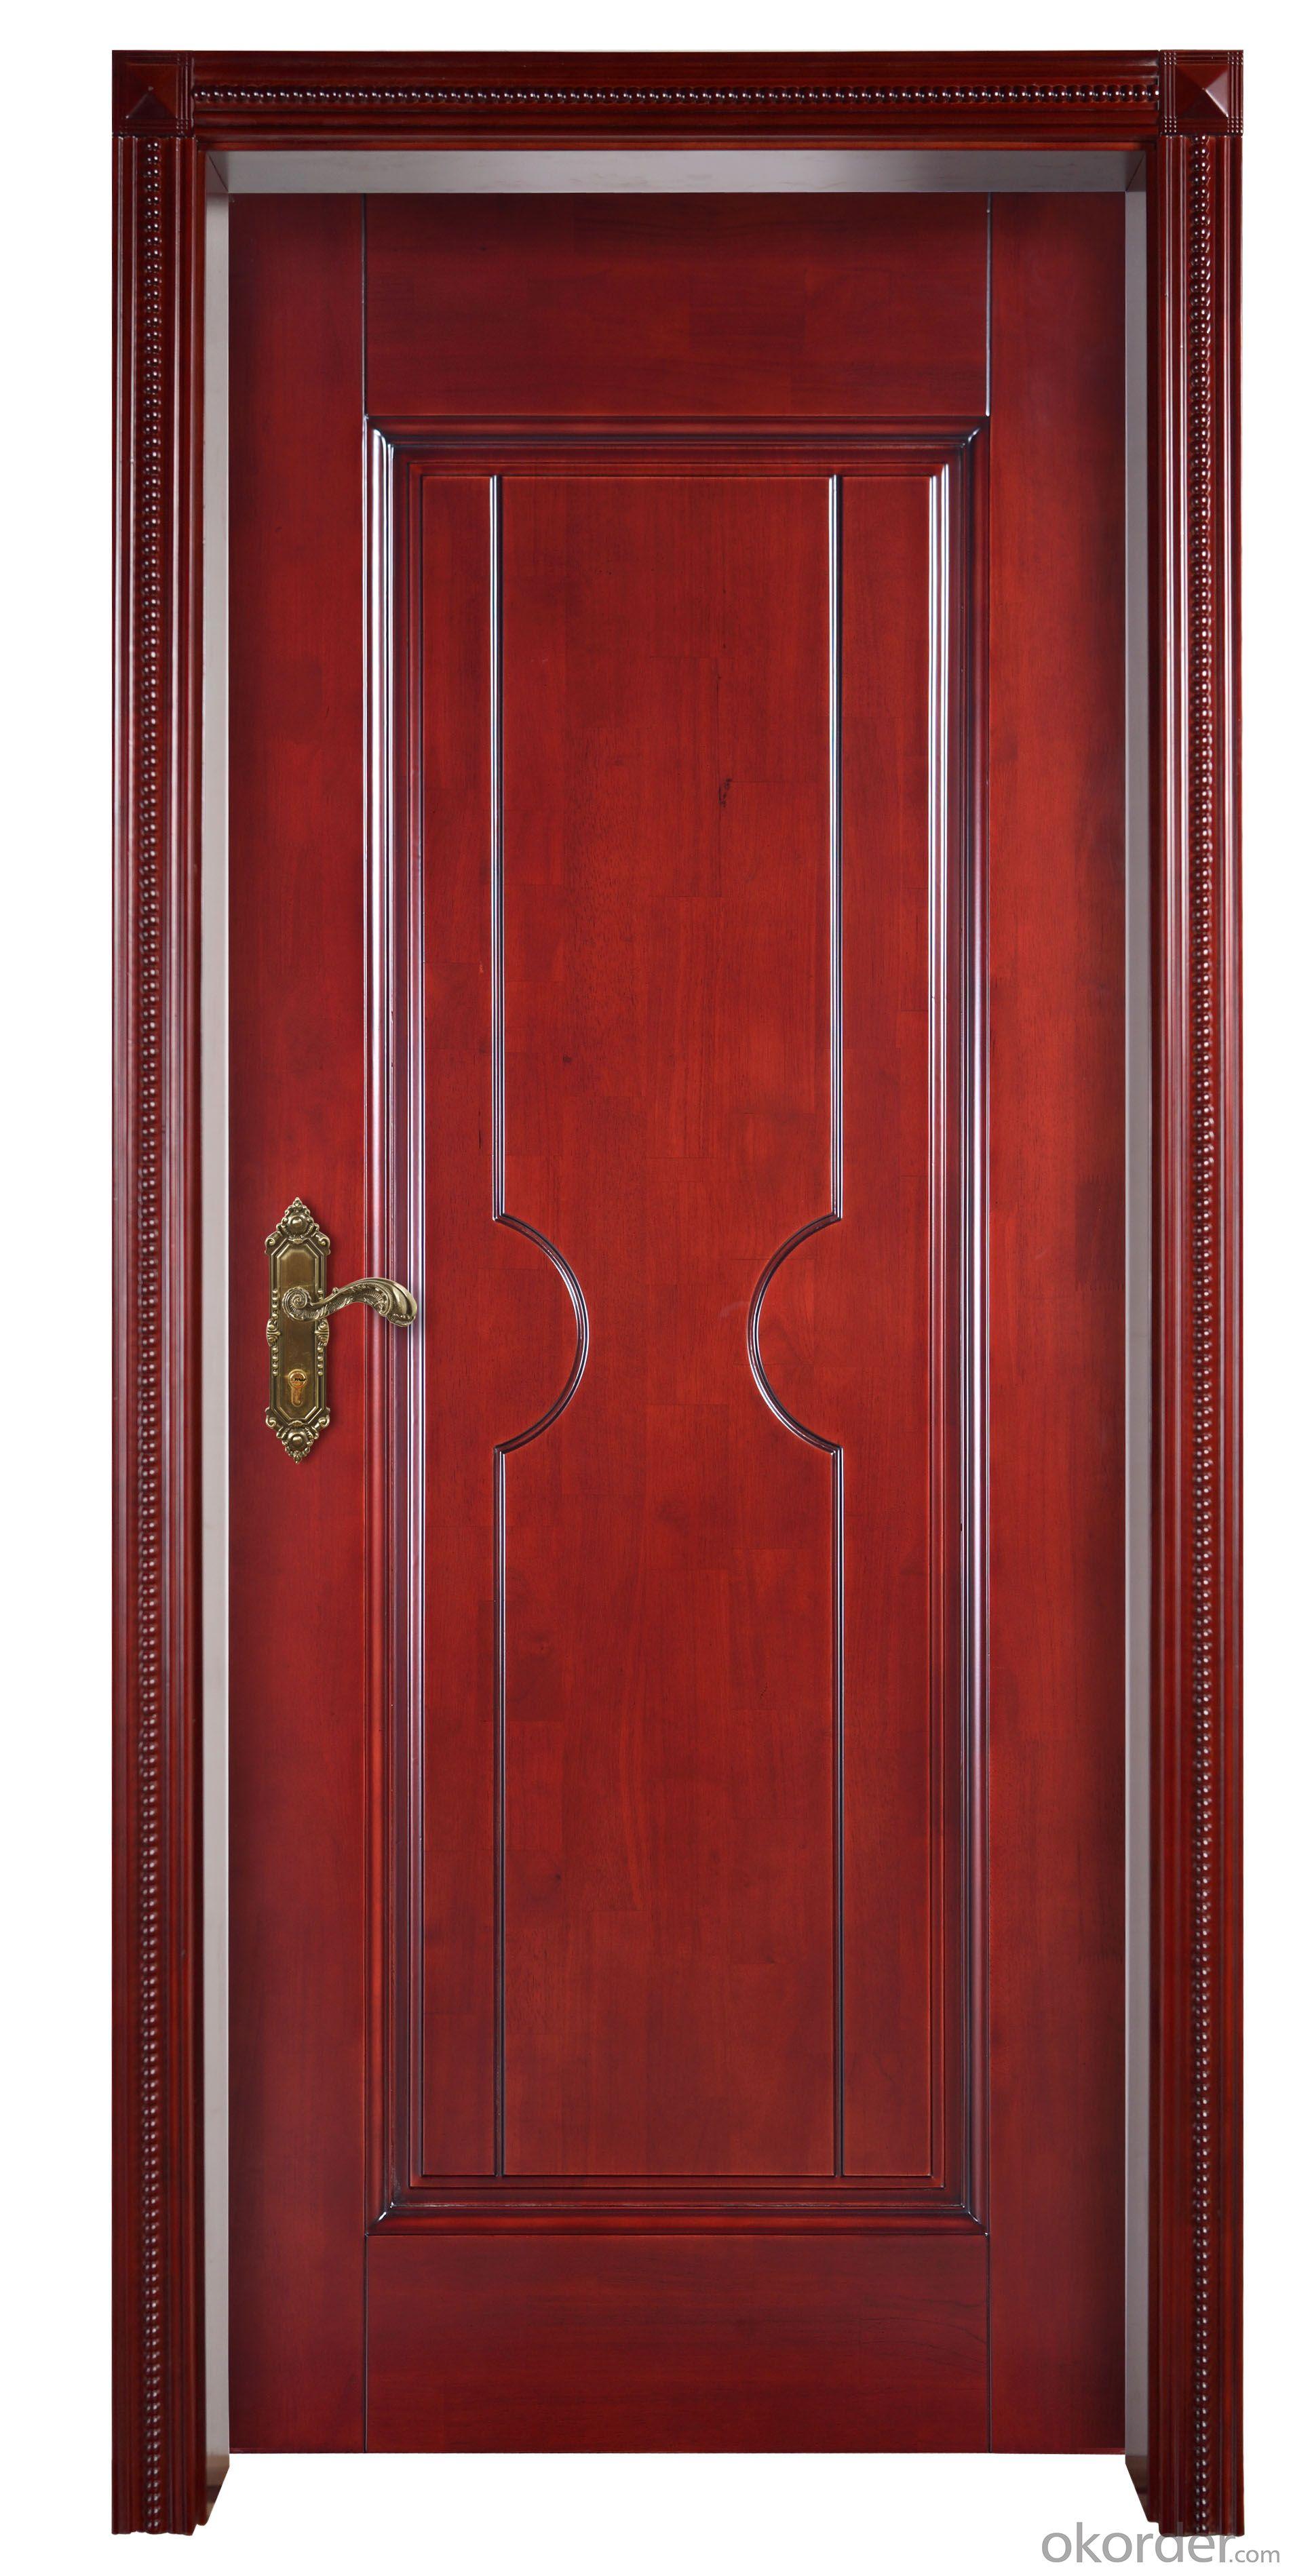 Buy PVC door melamine door wood veneer door mould door Price Size